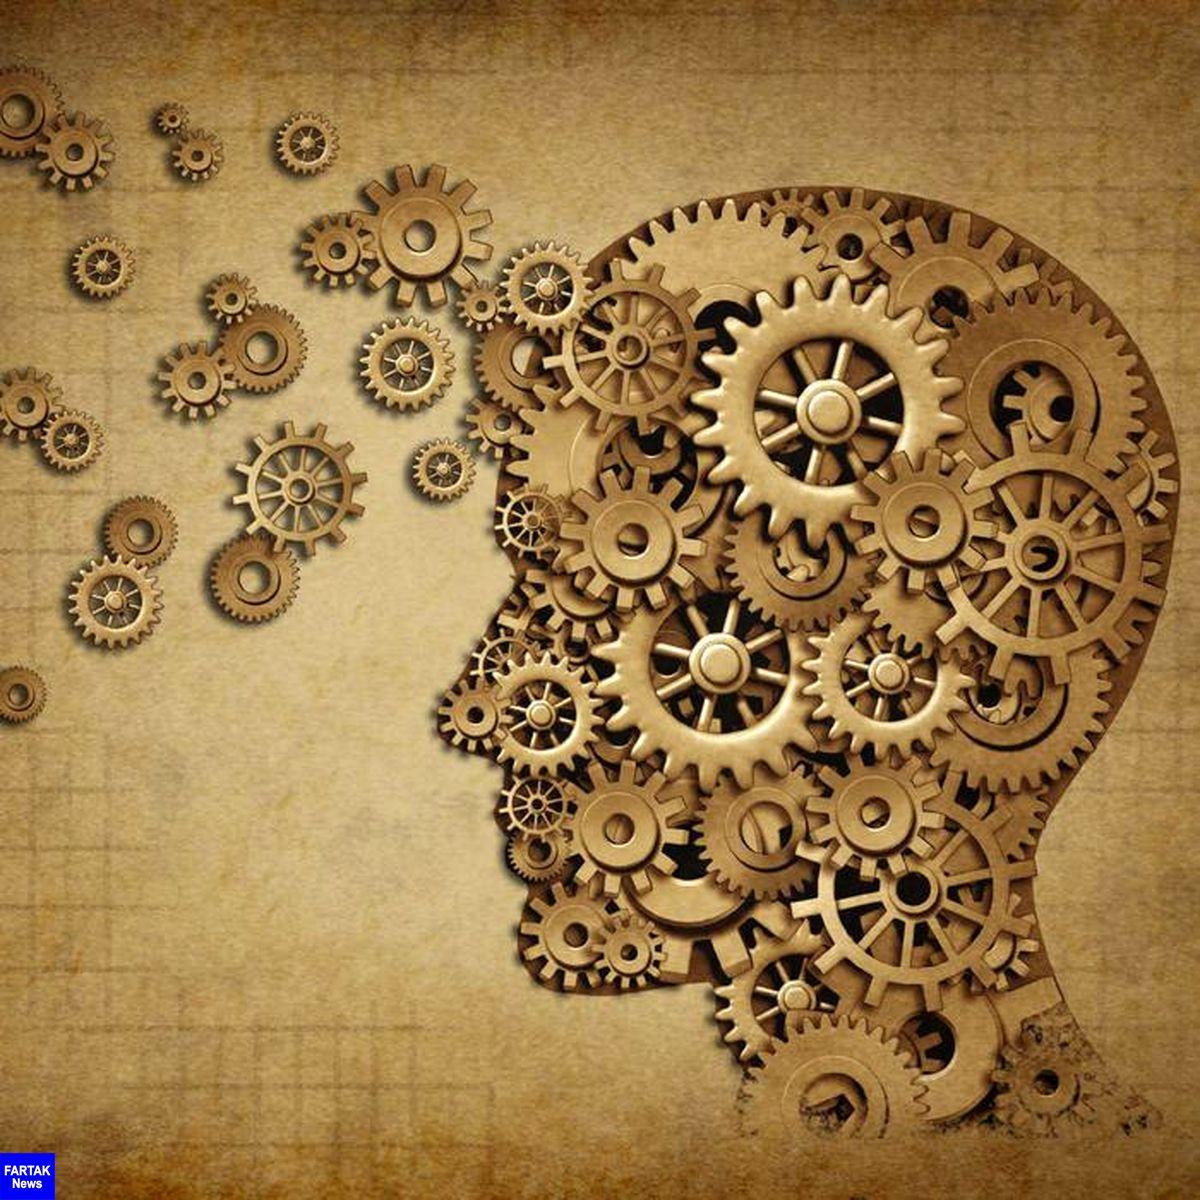 مکانیزم مغز آقایان چگونه کار می کند؟